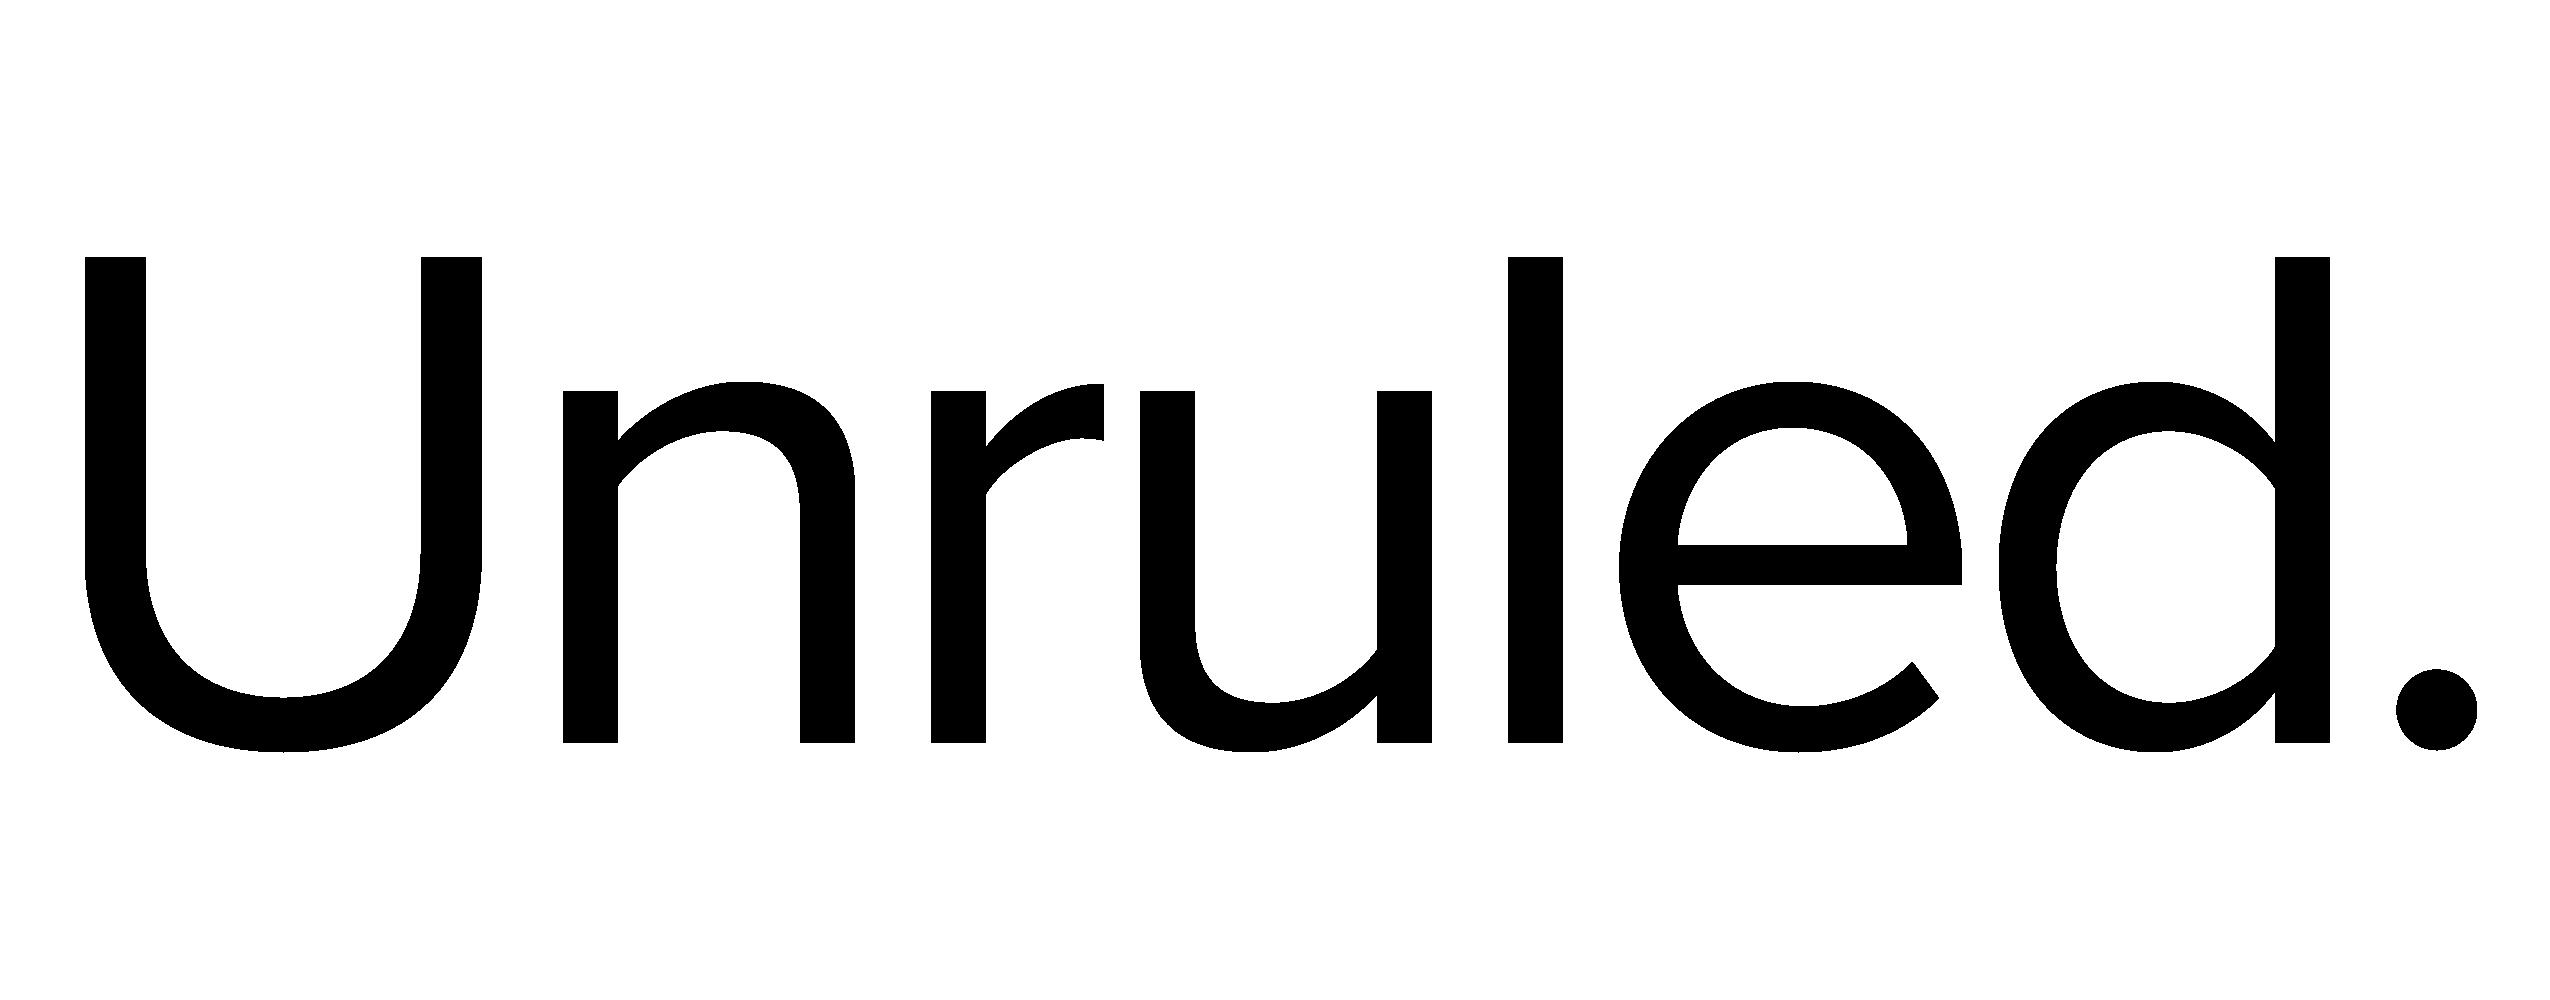 Unruled logo